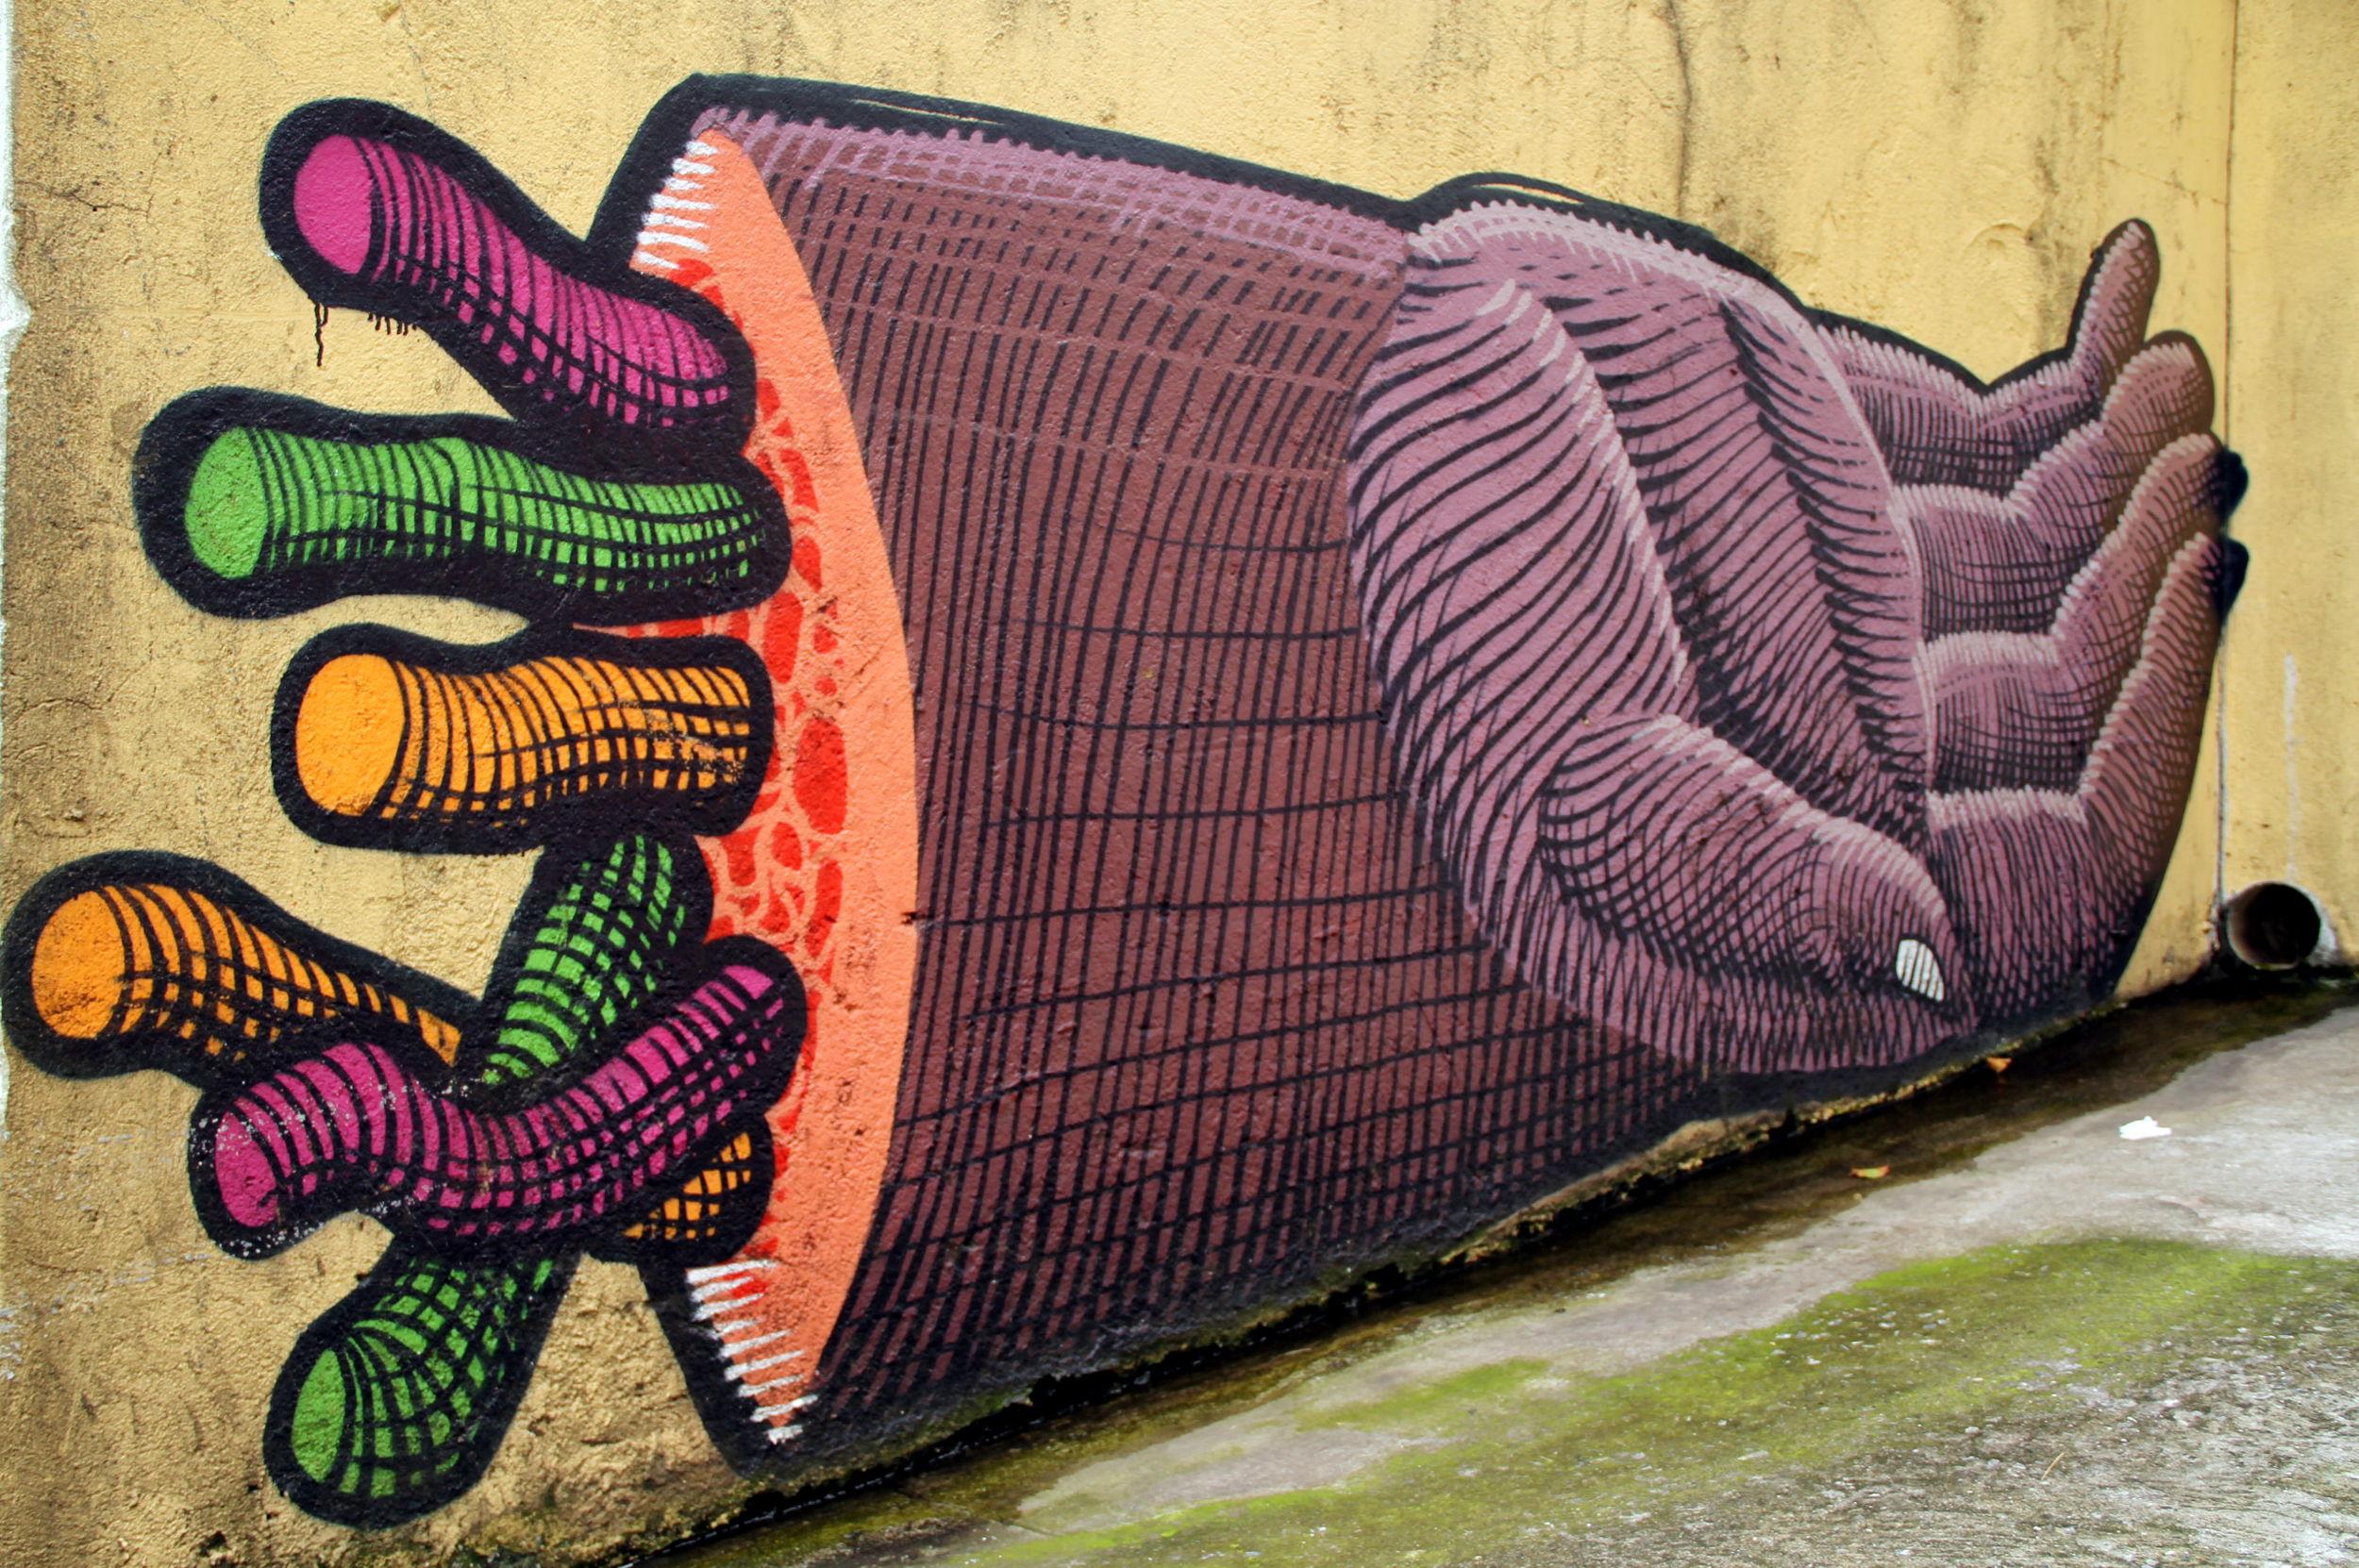 LIBERDADE: Obra do artista Nunca no bairro oriental da Liberdade, em São Paulo (foto: Eduardo Vessoni)